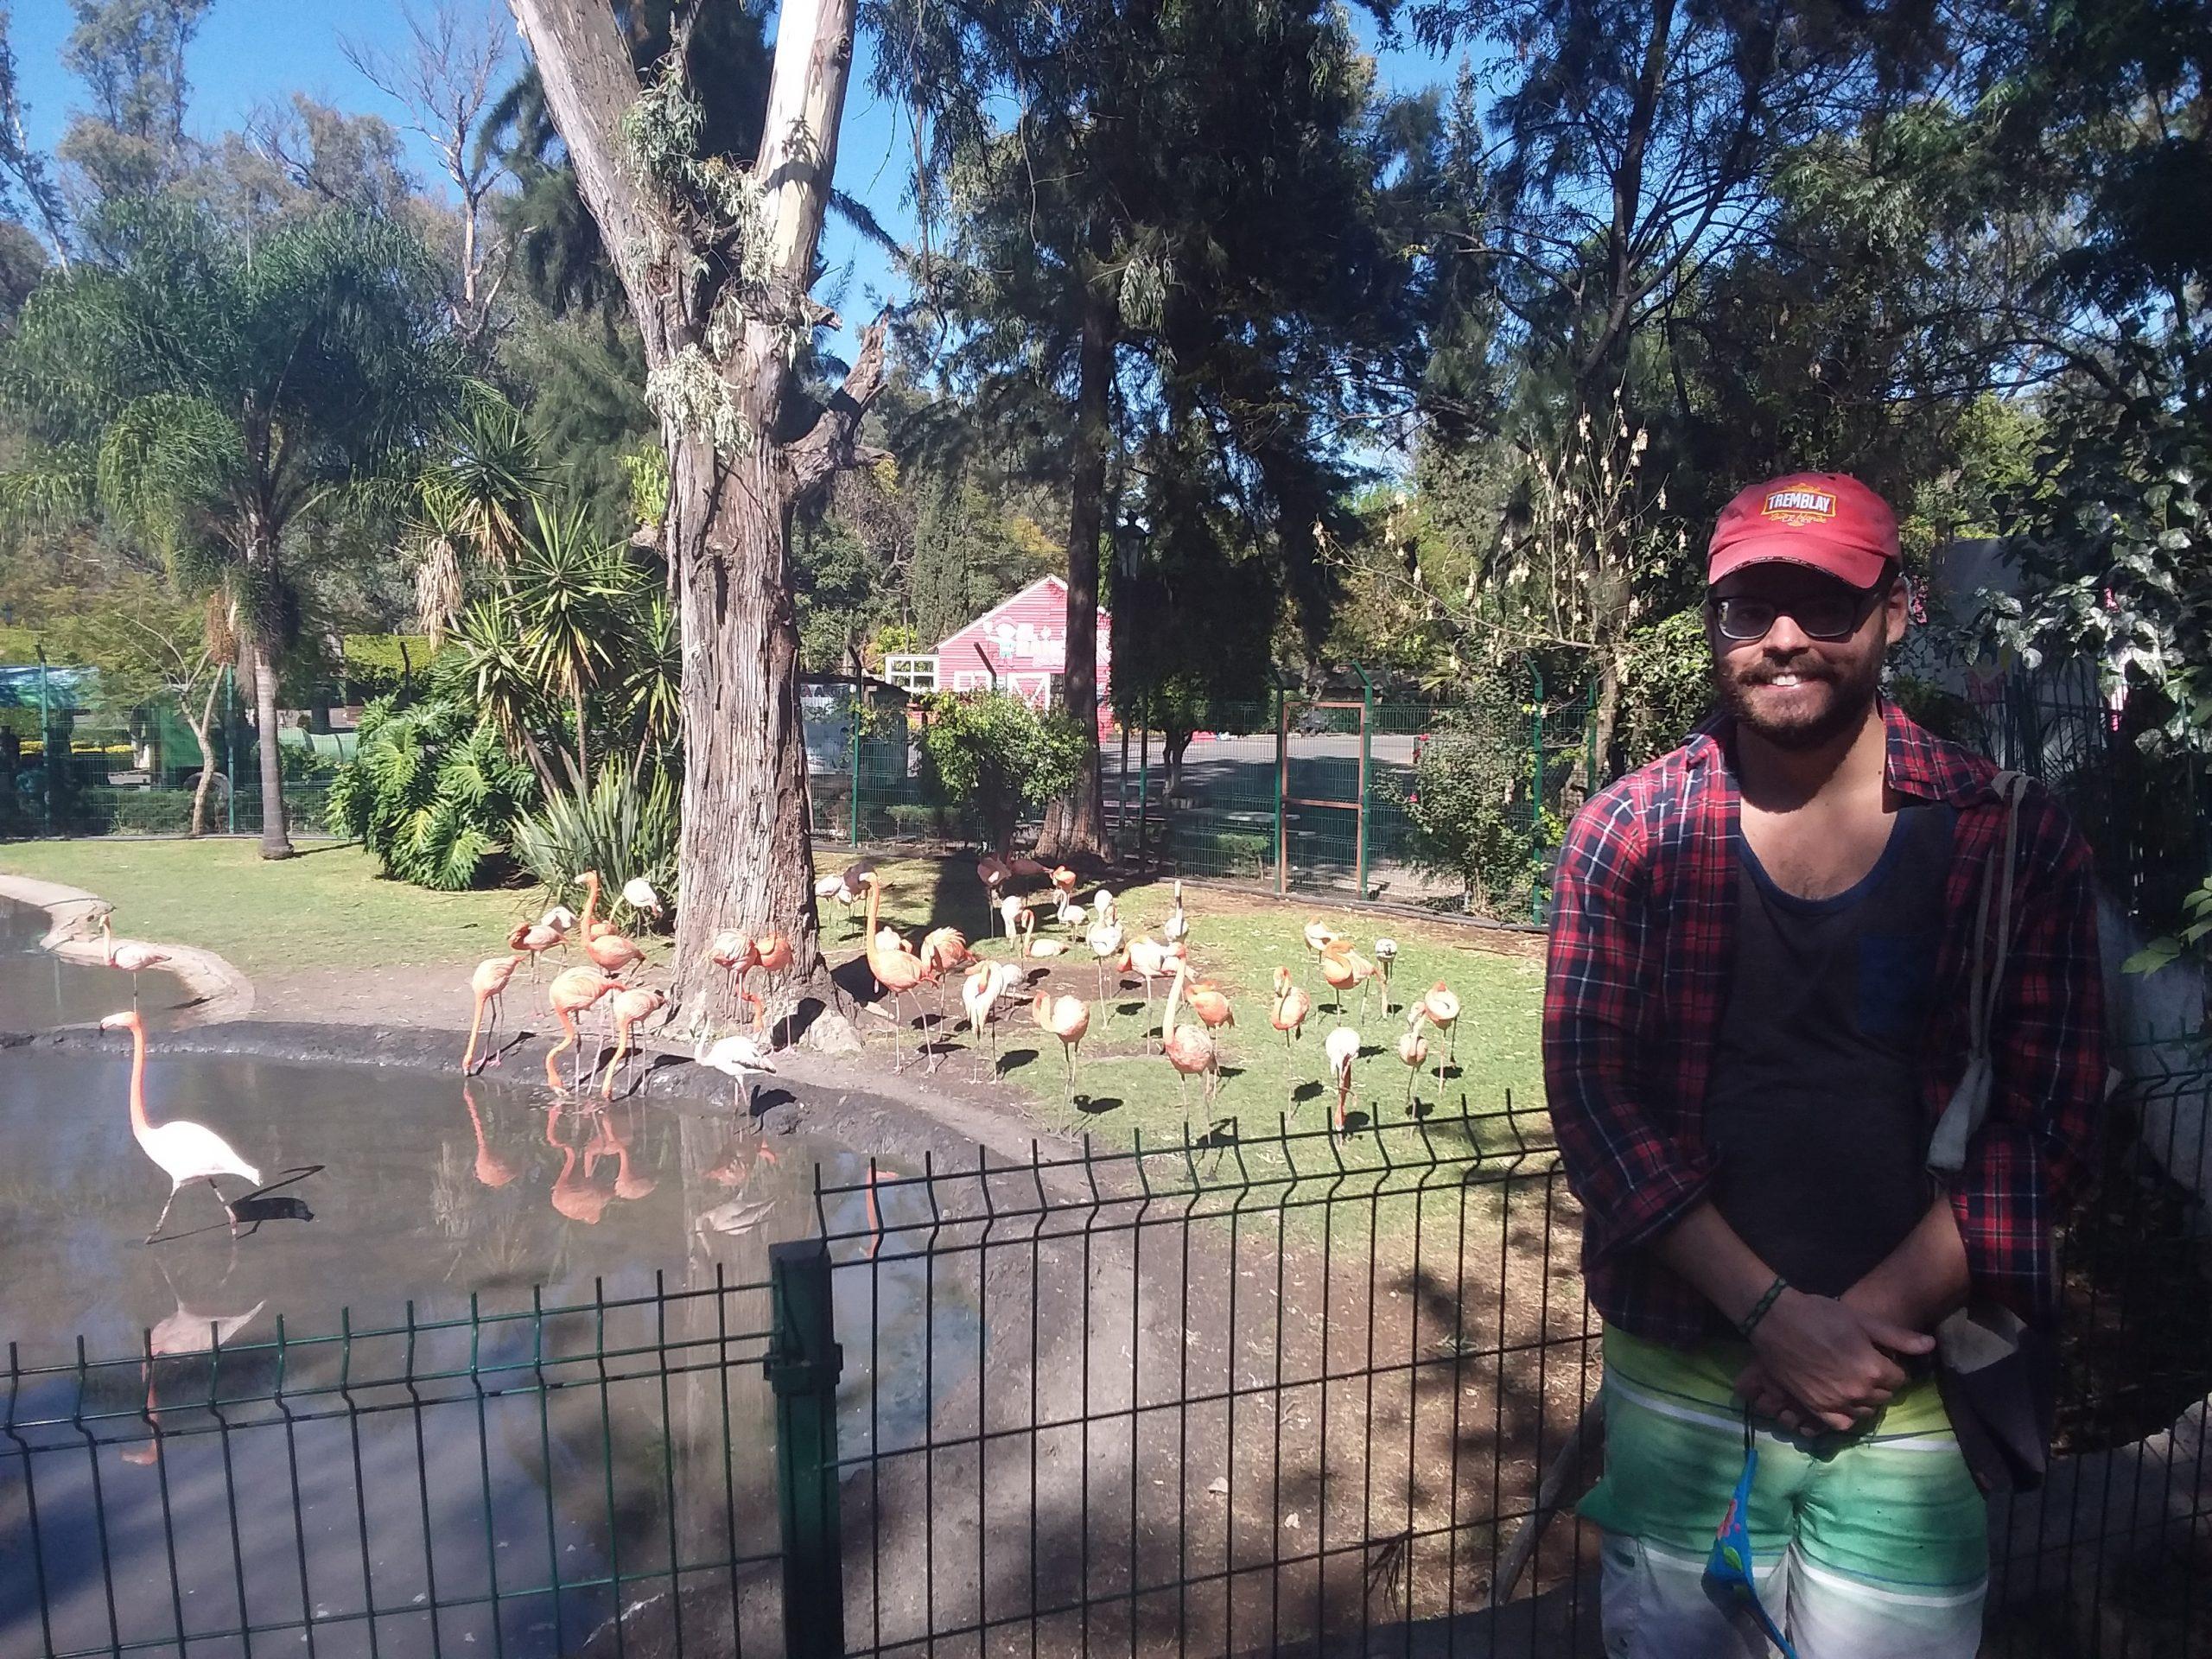 FLamants roses zoo de morelia